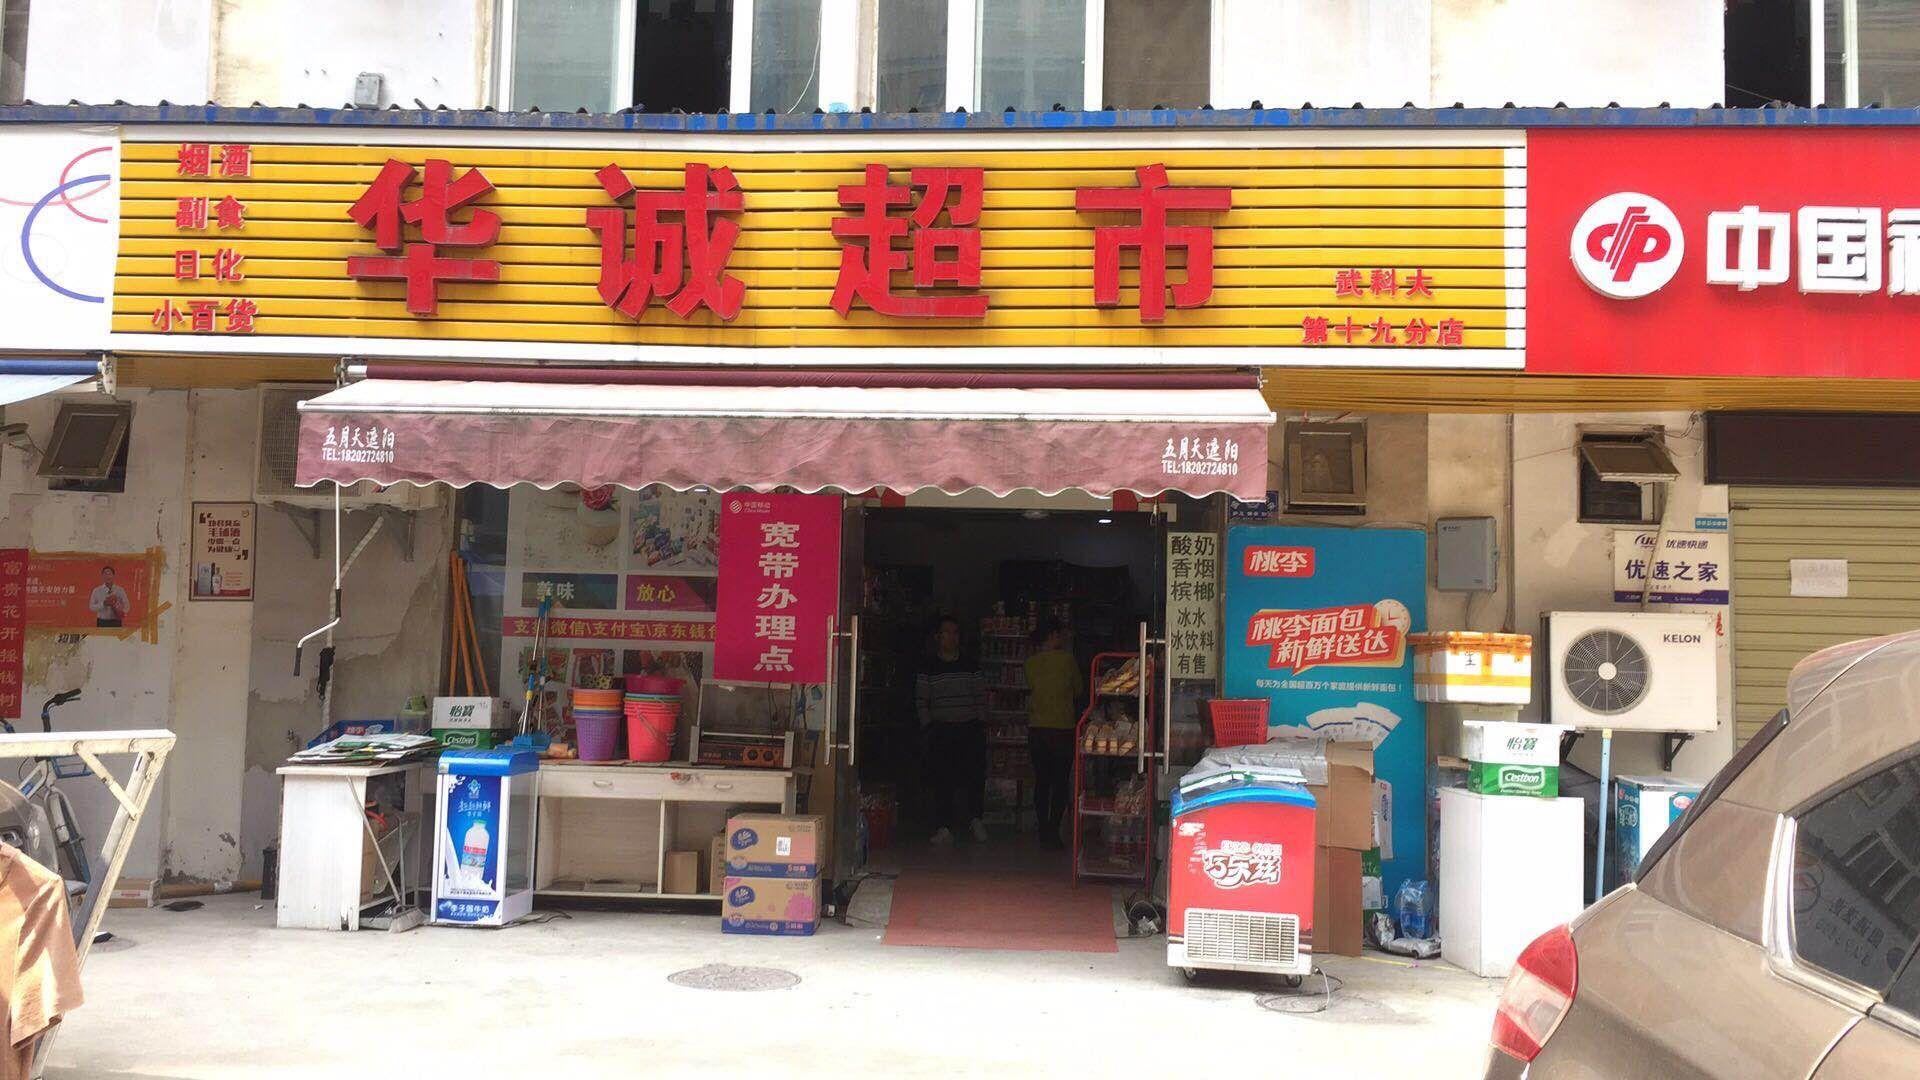 青山区武汉科技大学学生公寓楼下超市转让,可空转